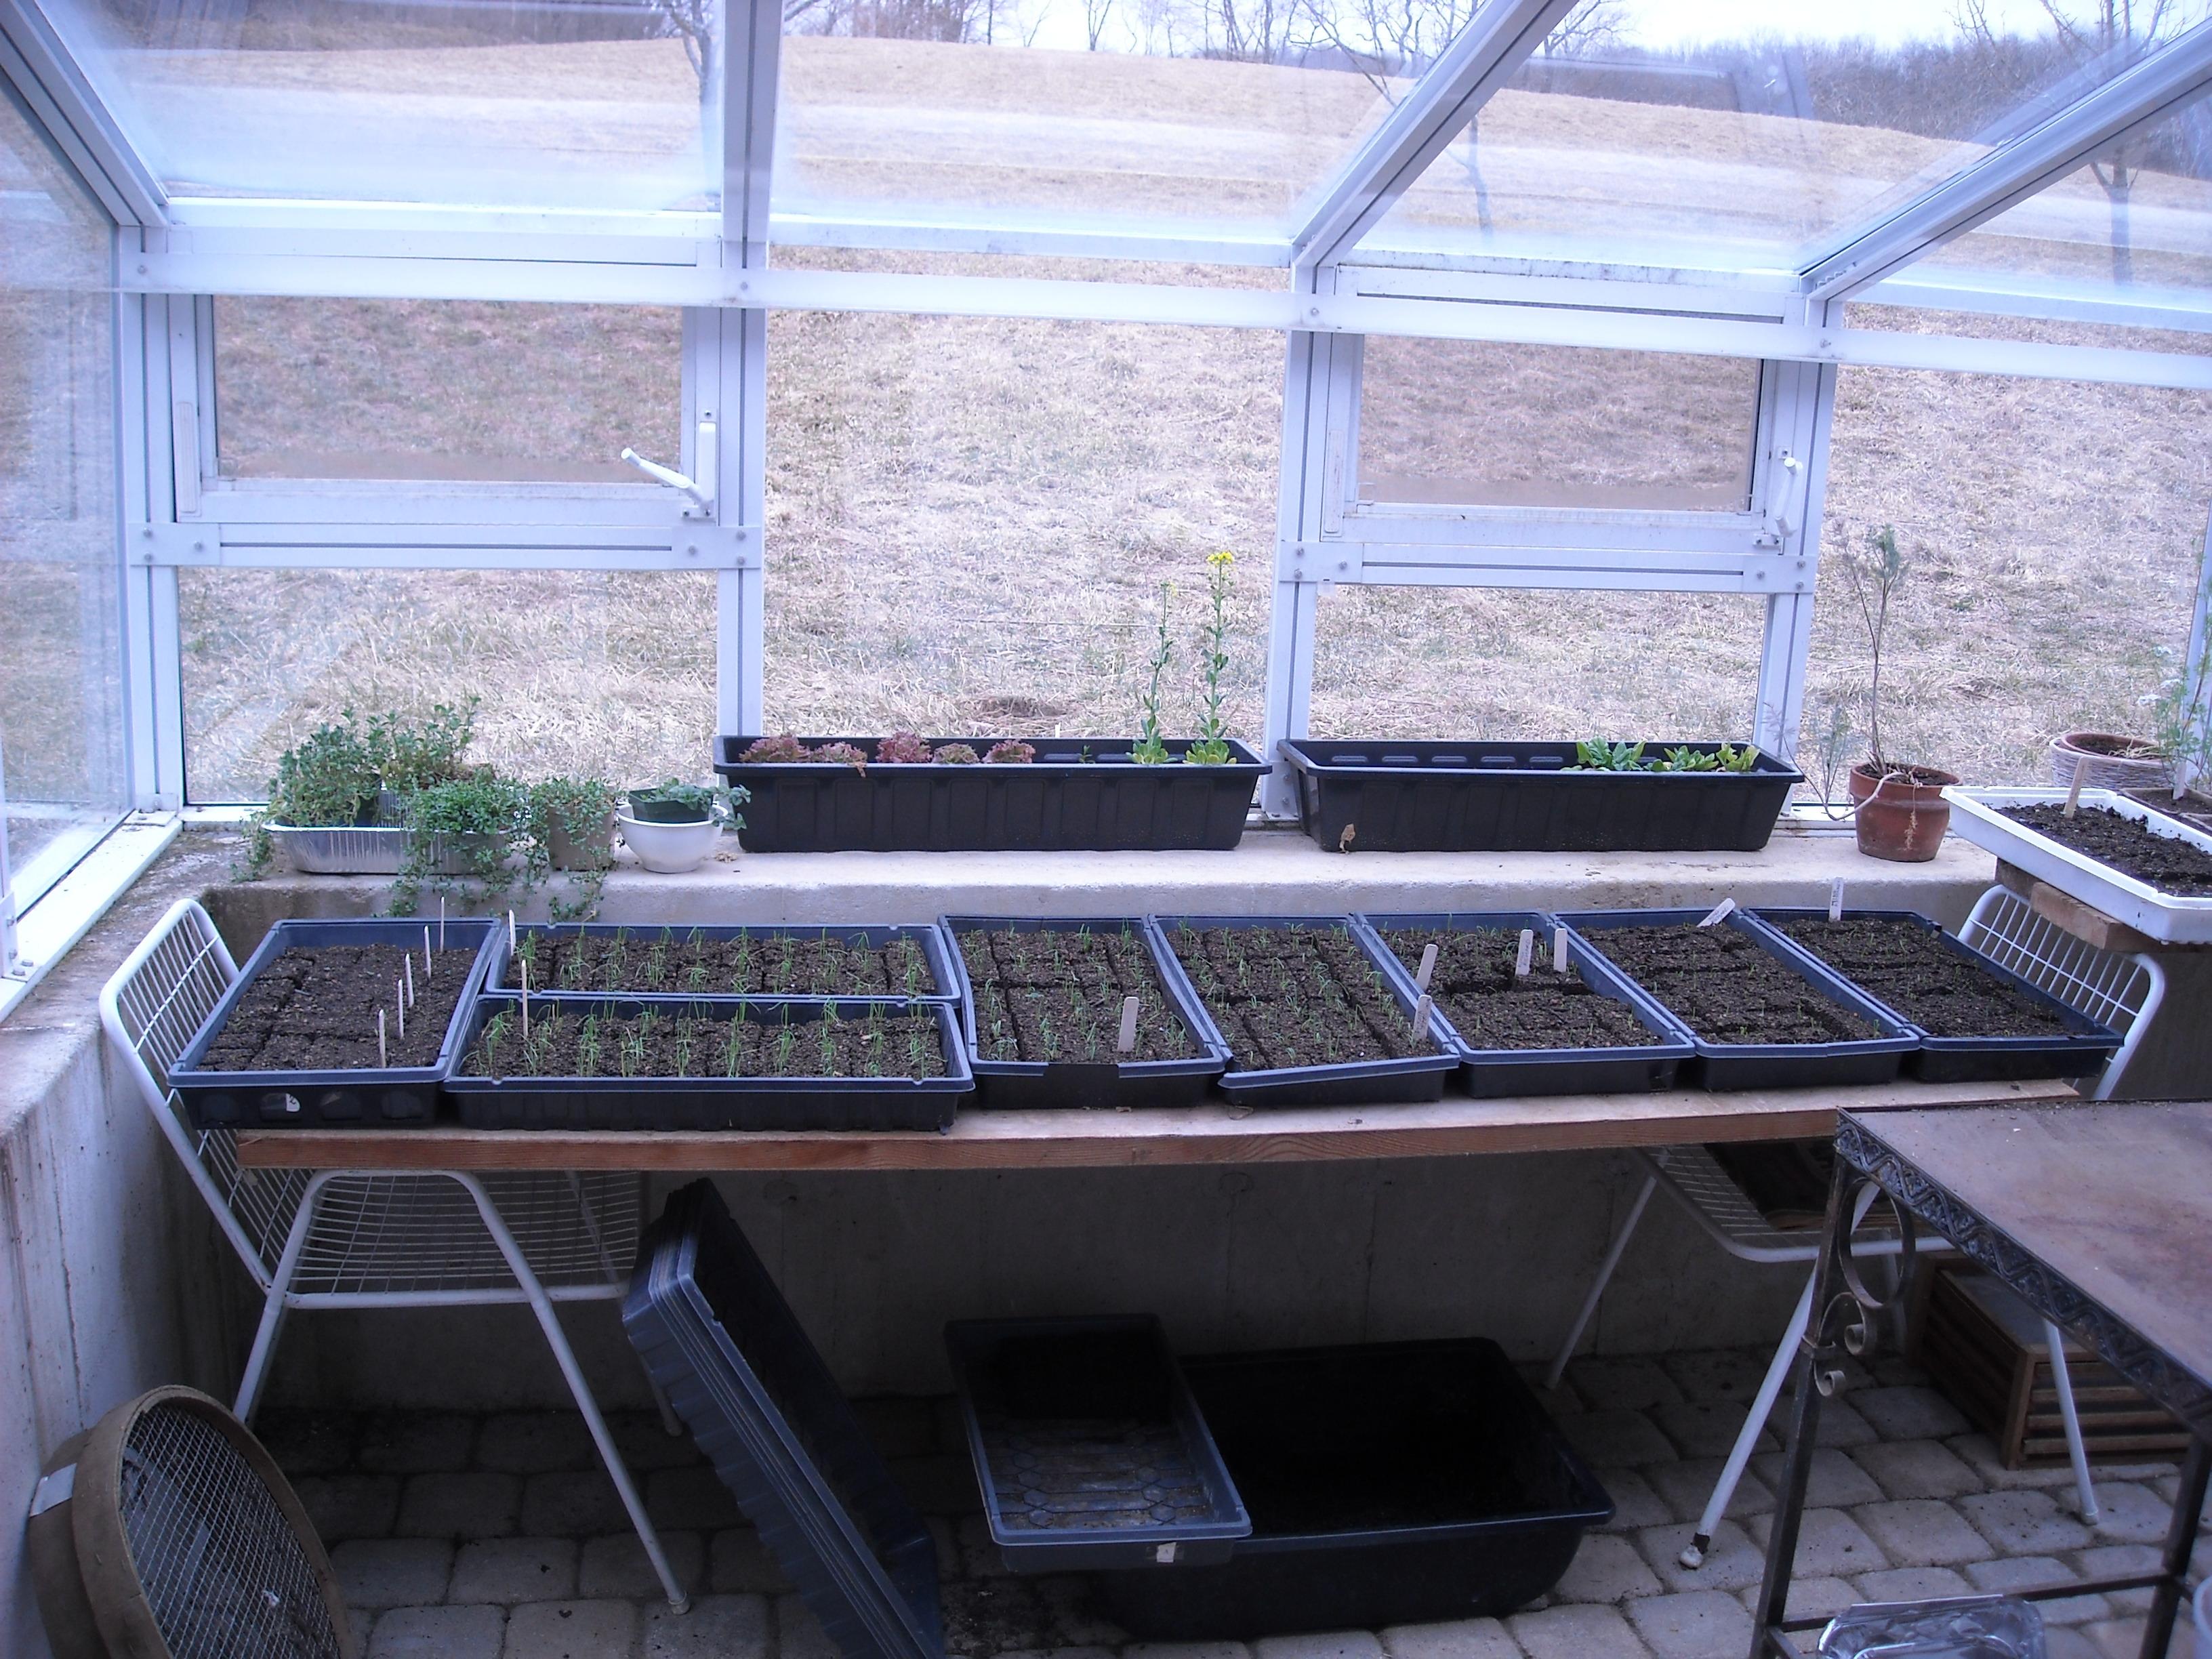 onion-seedlings-in-greenhouse